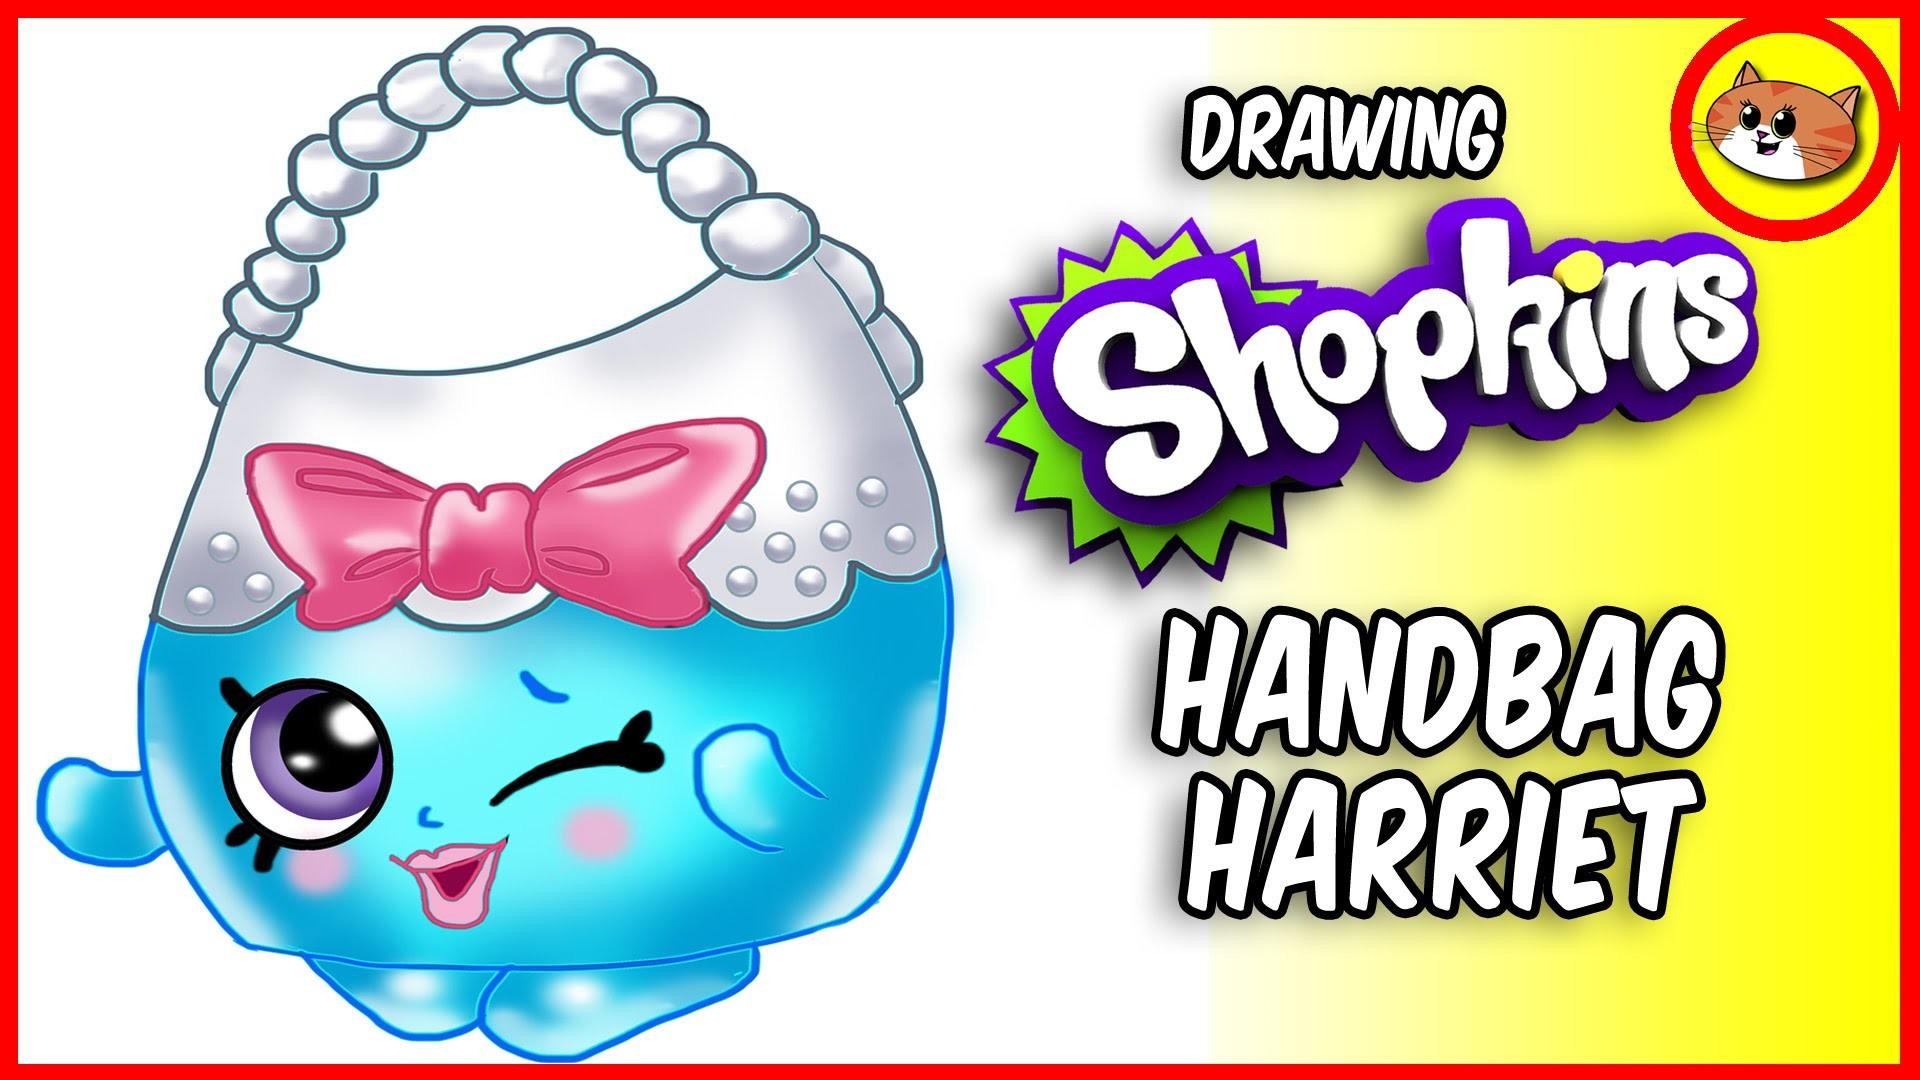 draw shopkins season 4 handbag fWow o